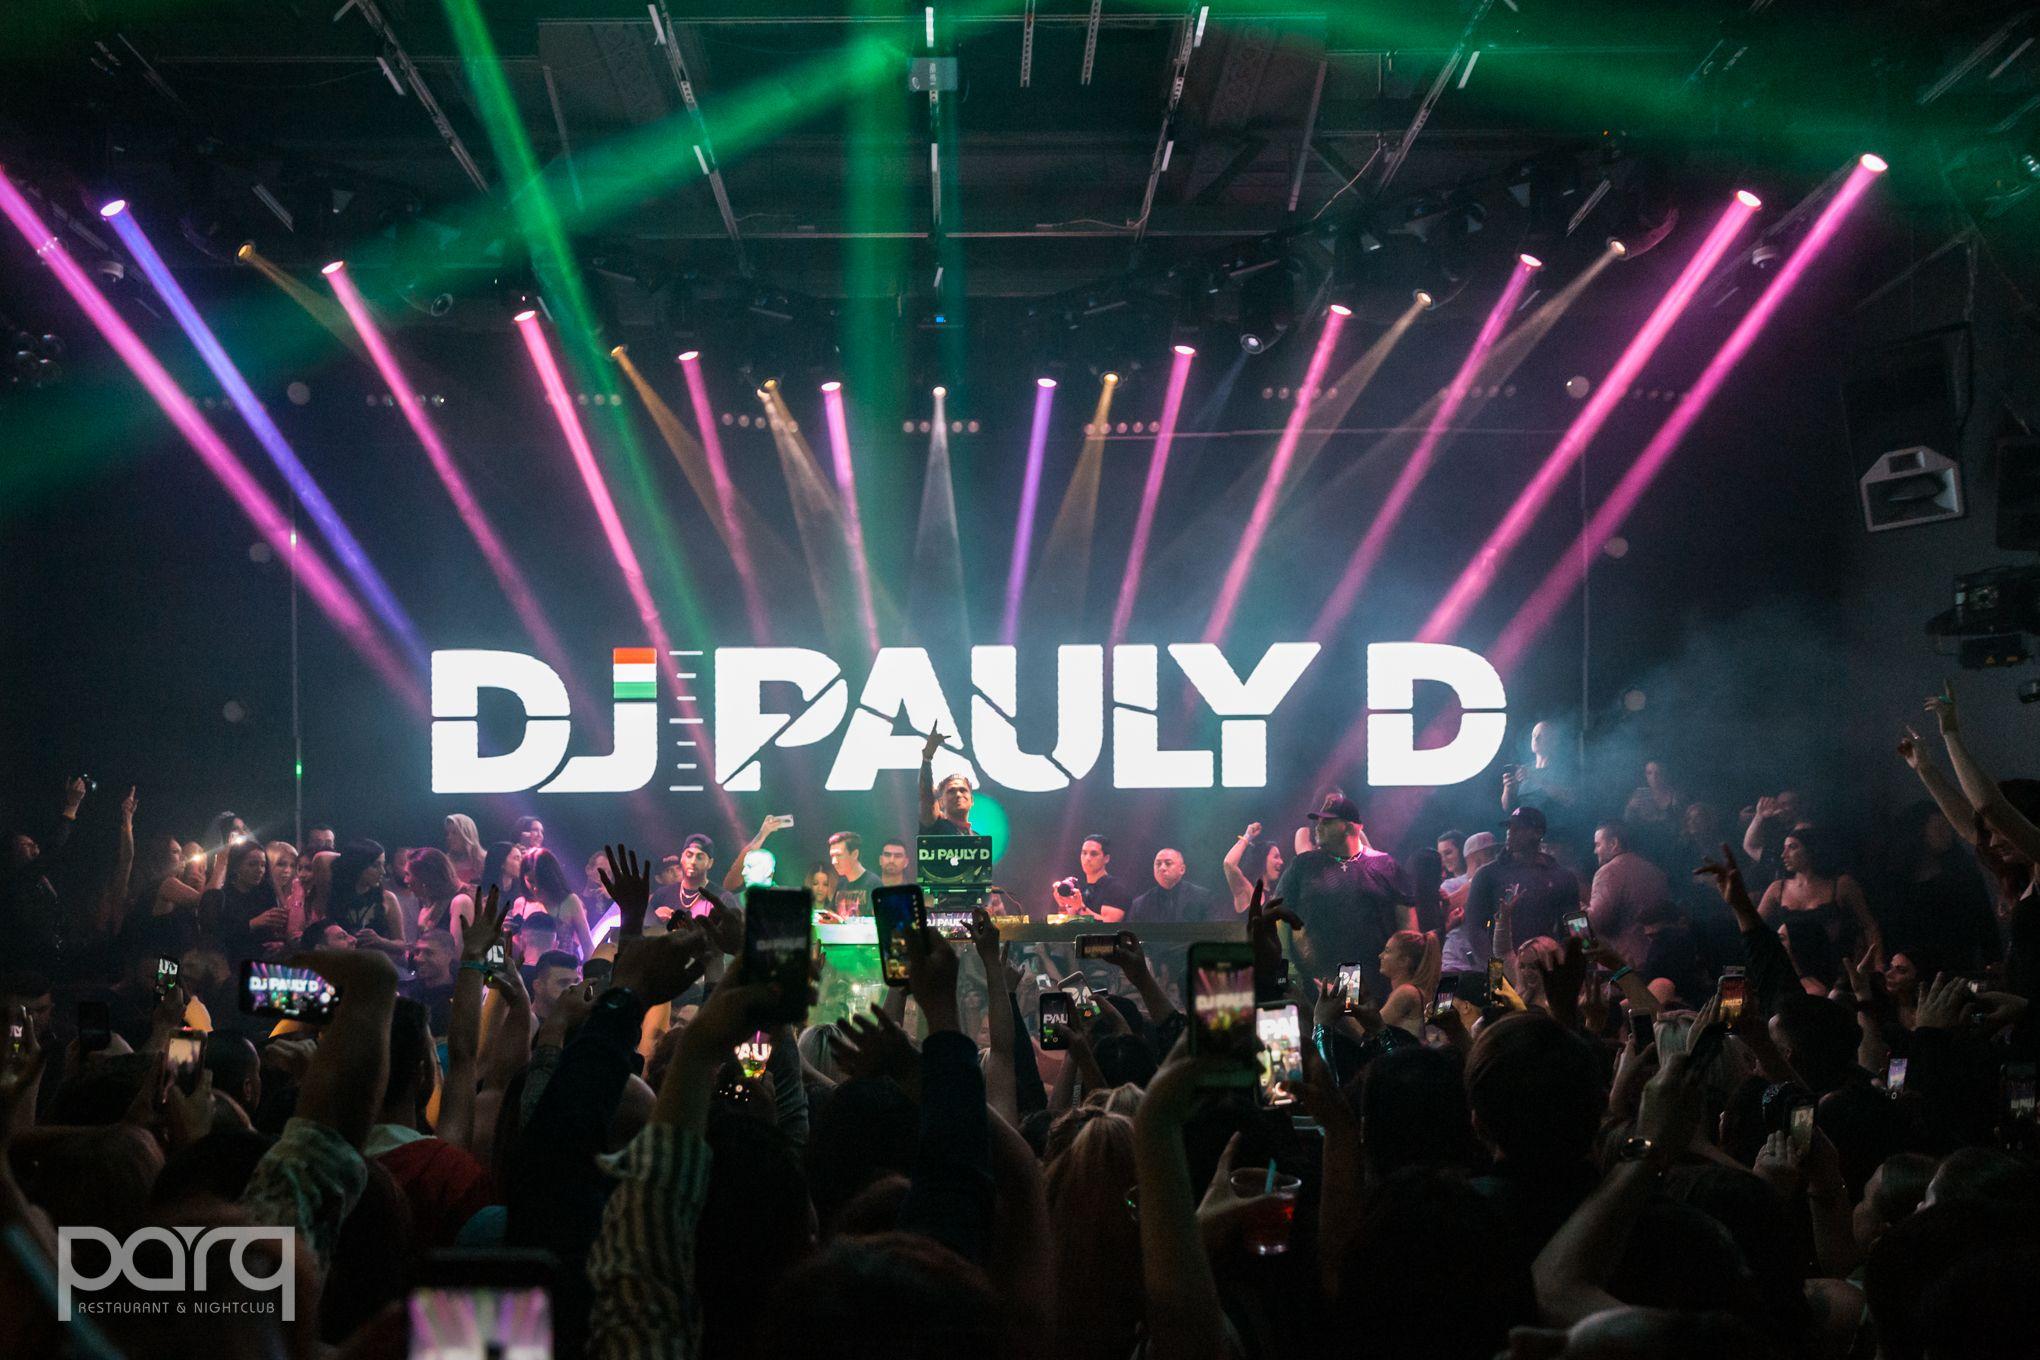 03.23.19 Parq - Pauly D-1.jpg